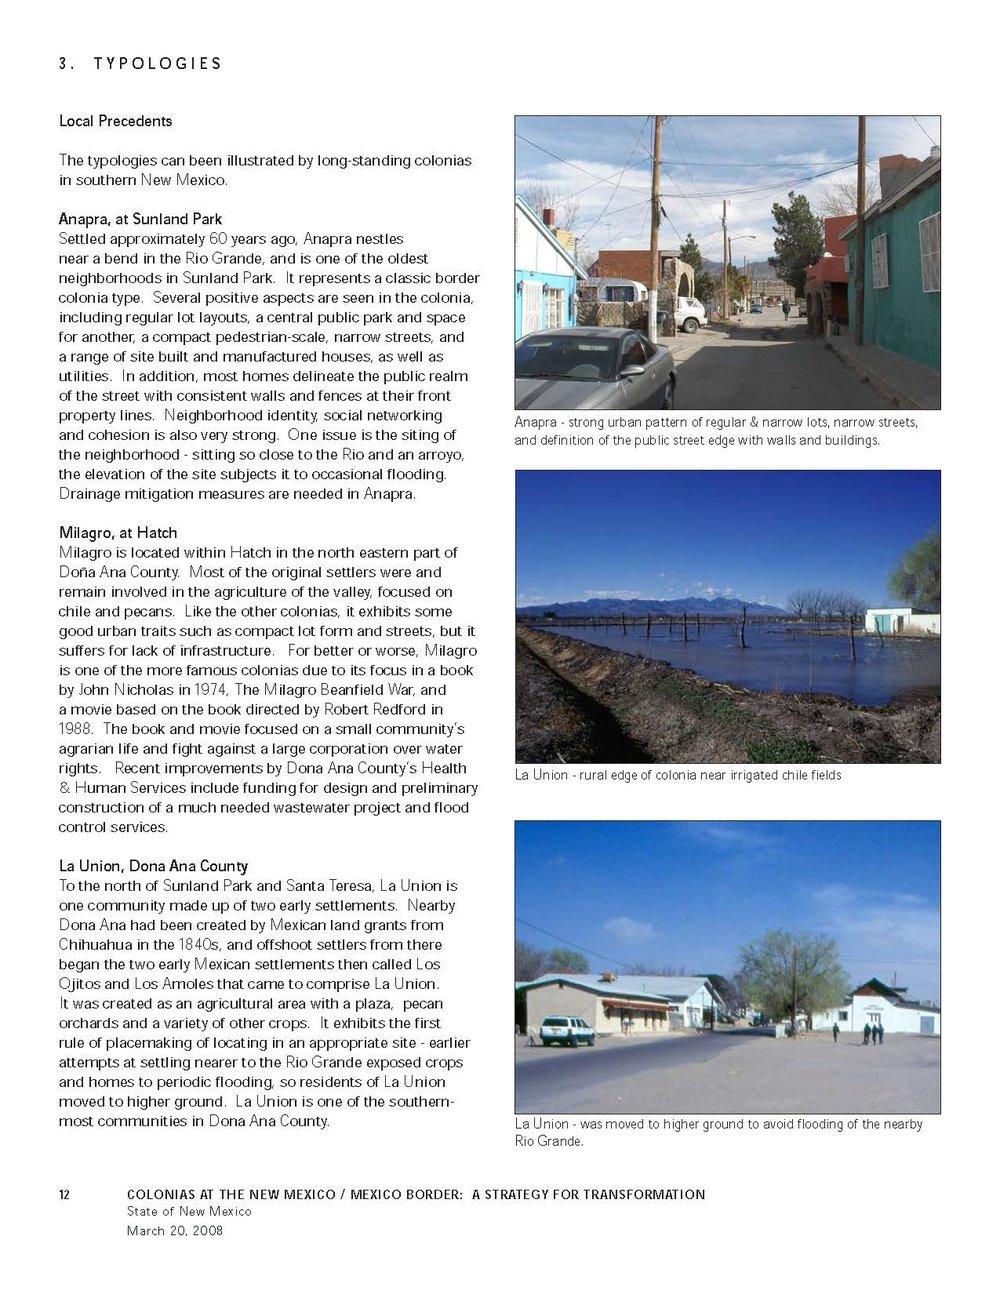 colonias_Page_12.jpg